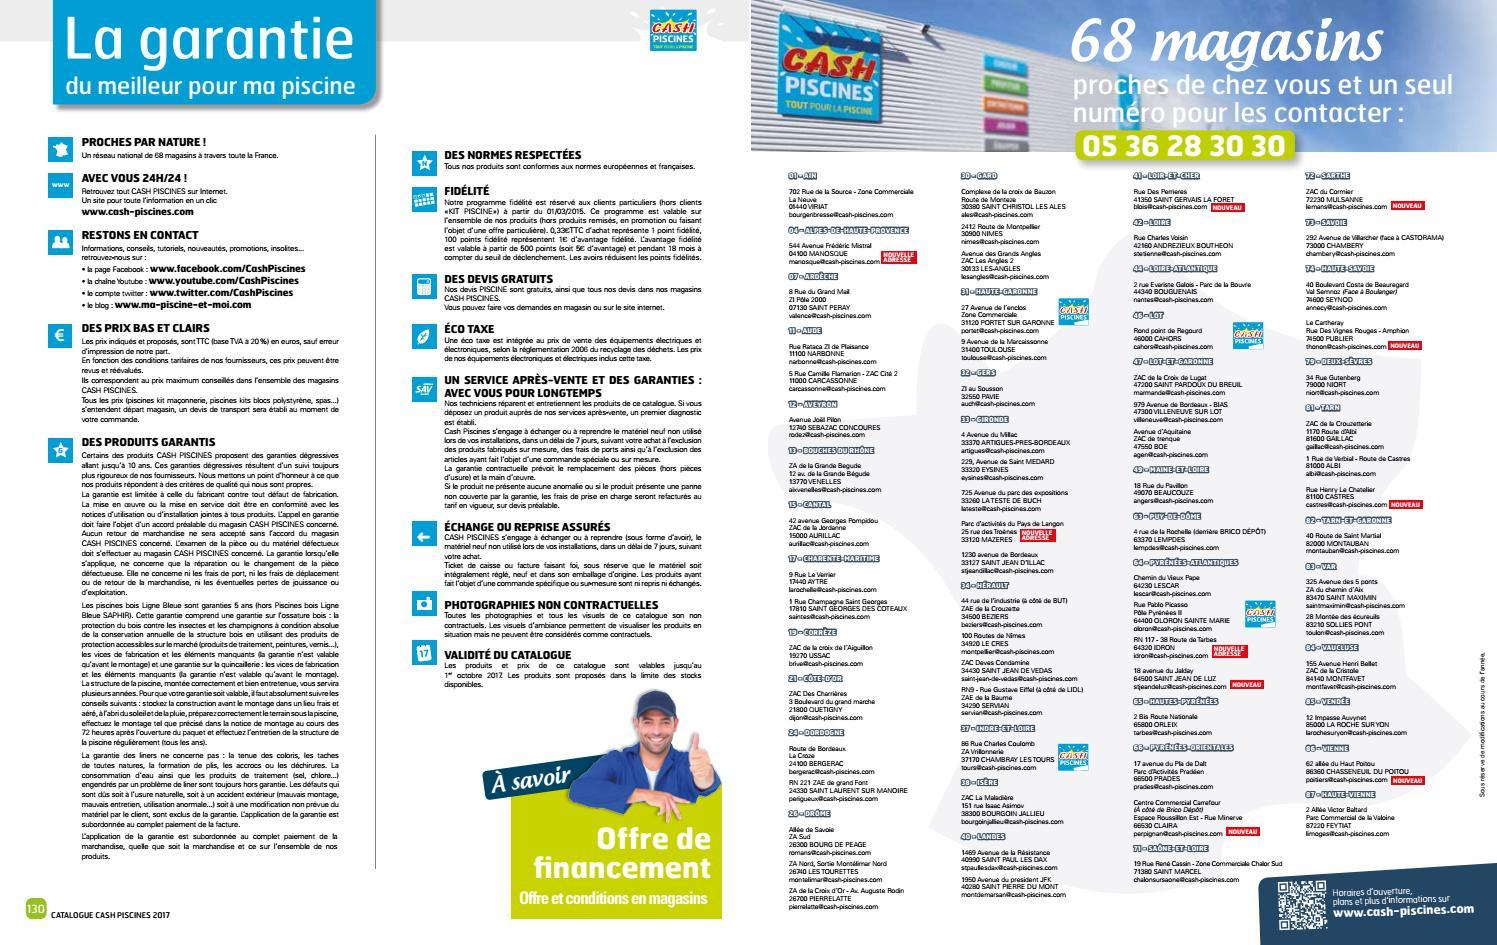 Catalogue Cash Piscine 2017 By Octave Octave - Issuu intérieur Cash Piscine Beziers